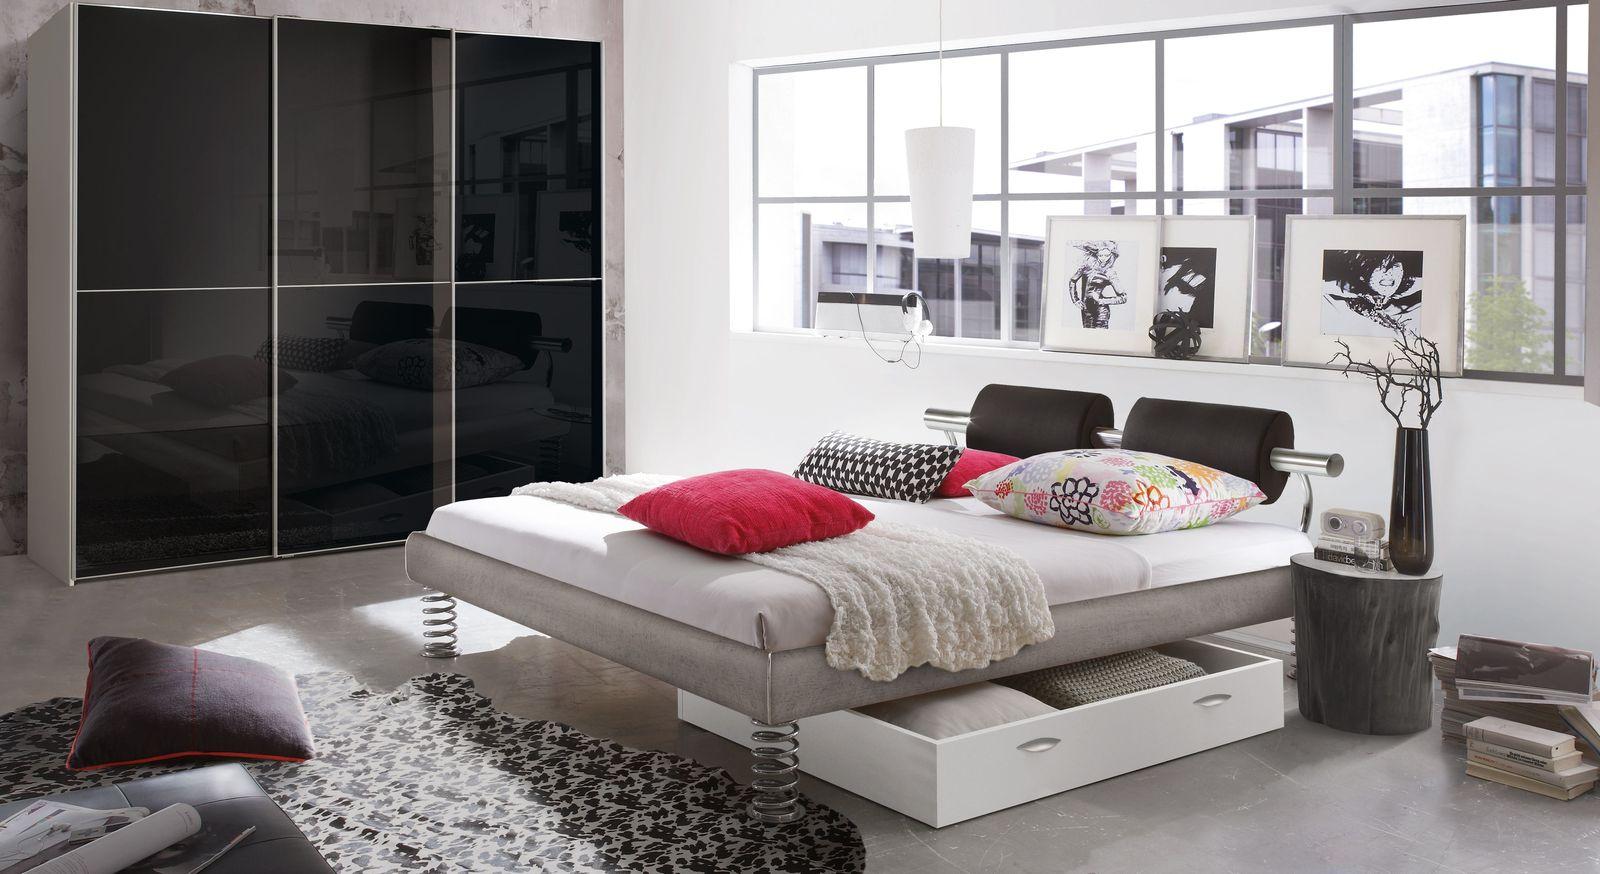 Bett Elastic mit passendem Schlafzimmer-Zubehör